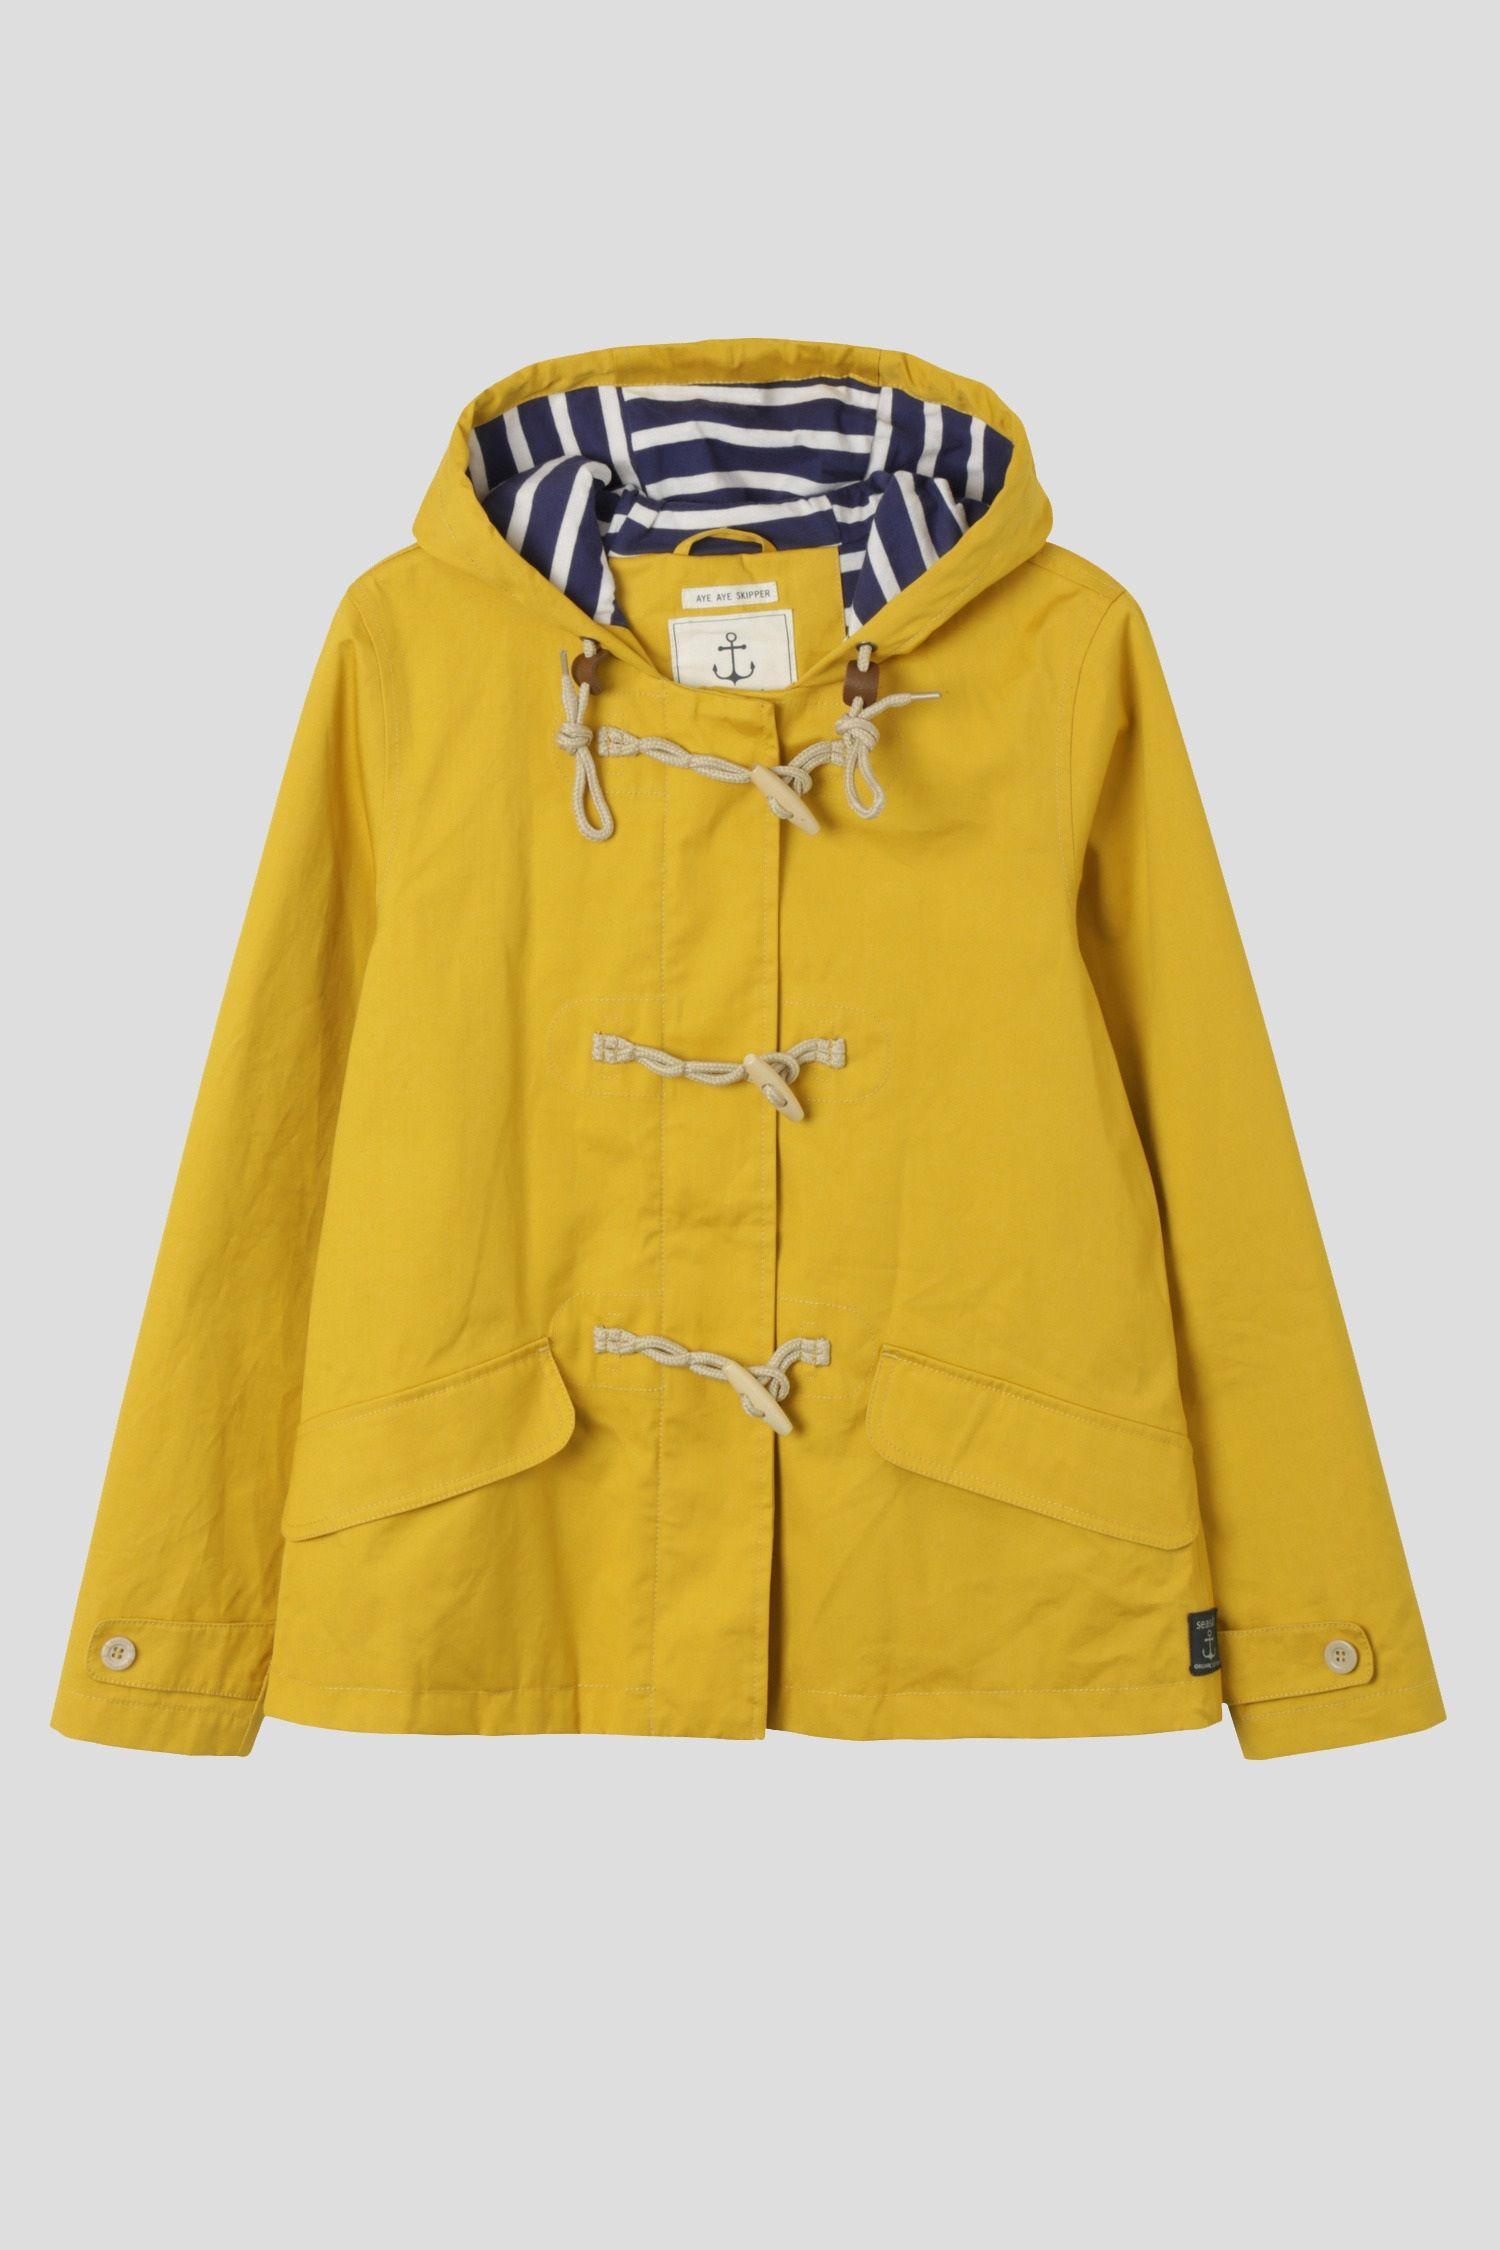 Seasalt Seafolly Jacket - vintage style waterproof ...